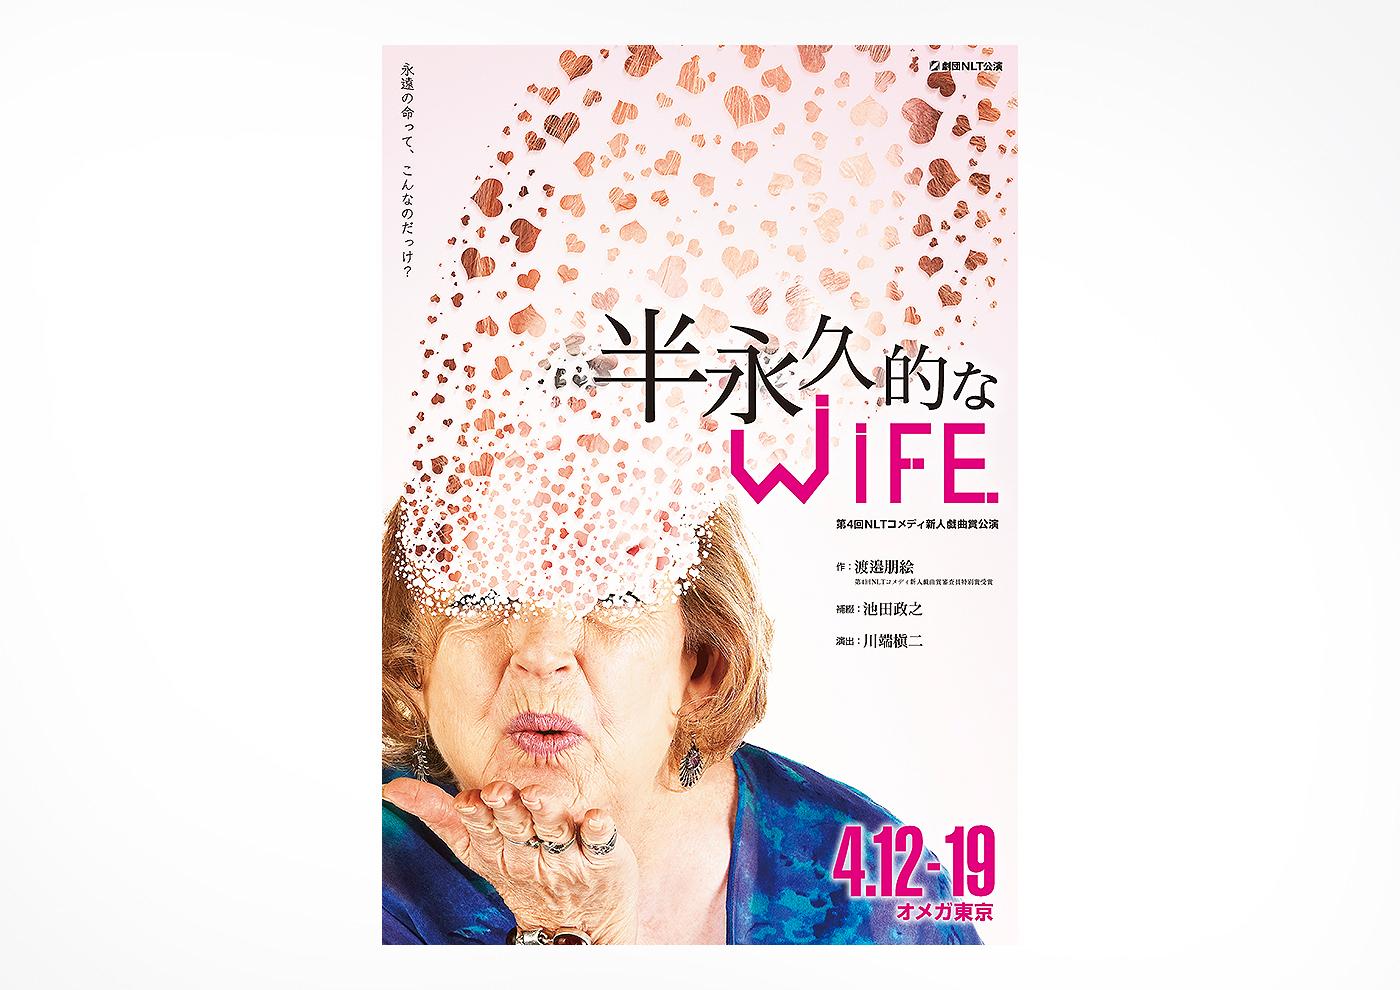 「半永久的なWIFE」公演チラシ